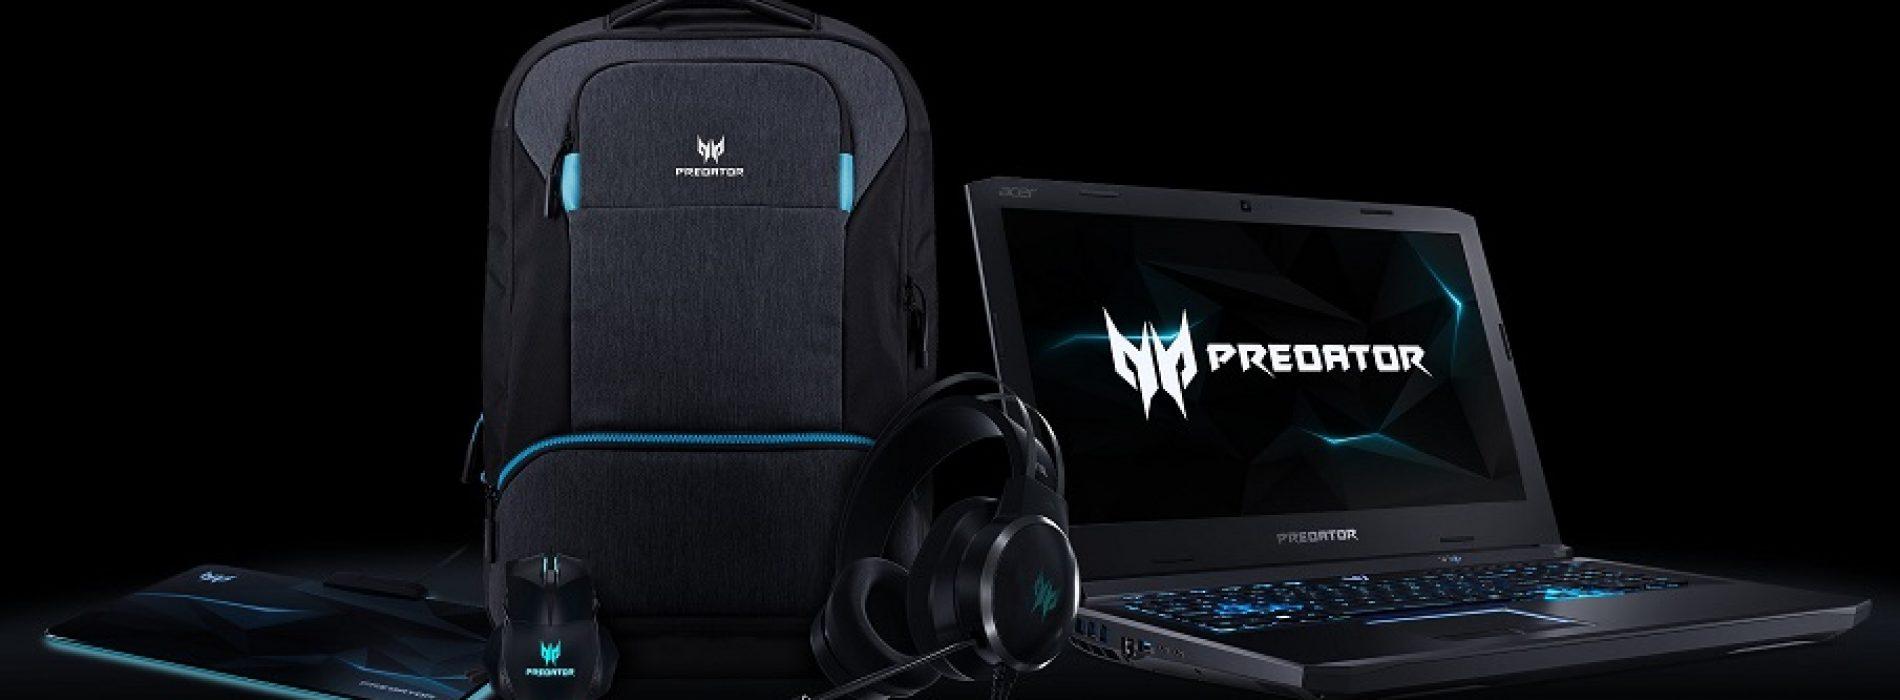 Primera laptop con procesador i9